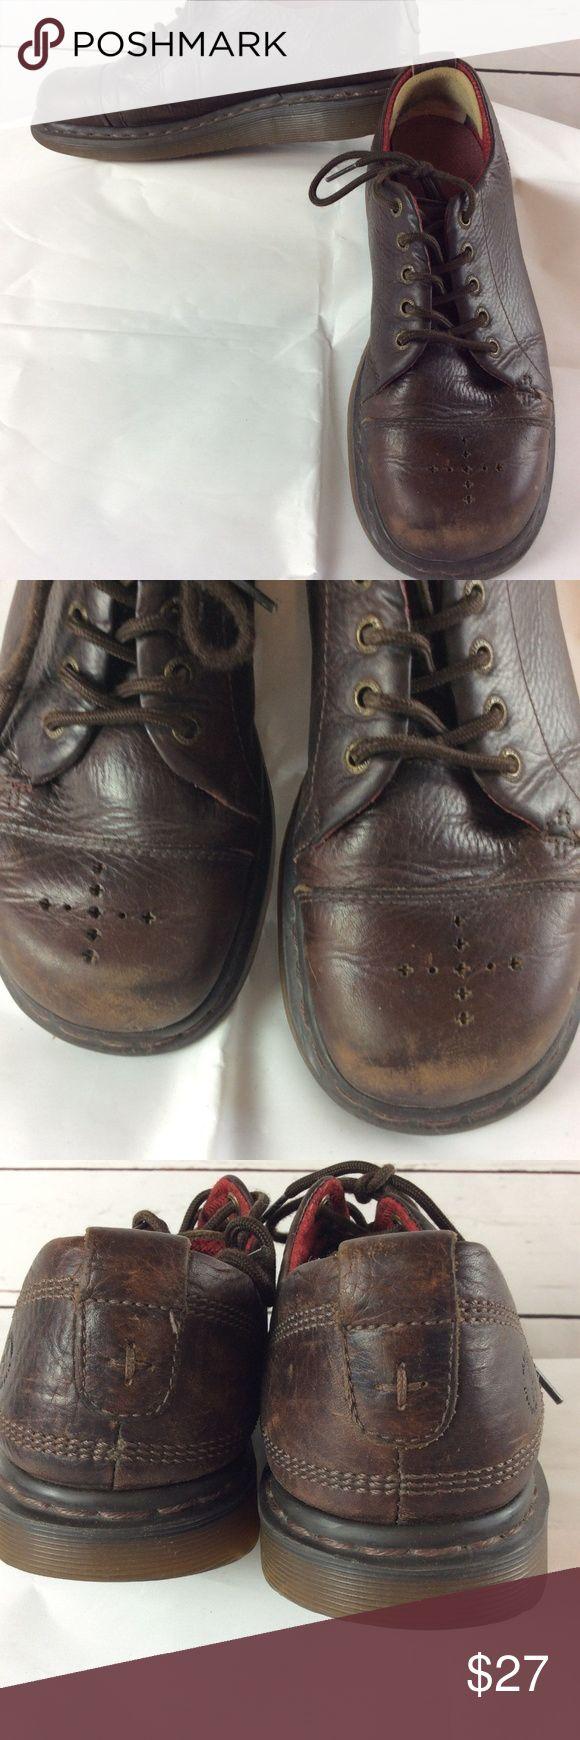 Dr Martens Doc Martens Celia Womens Shoes Size 9 100